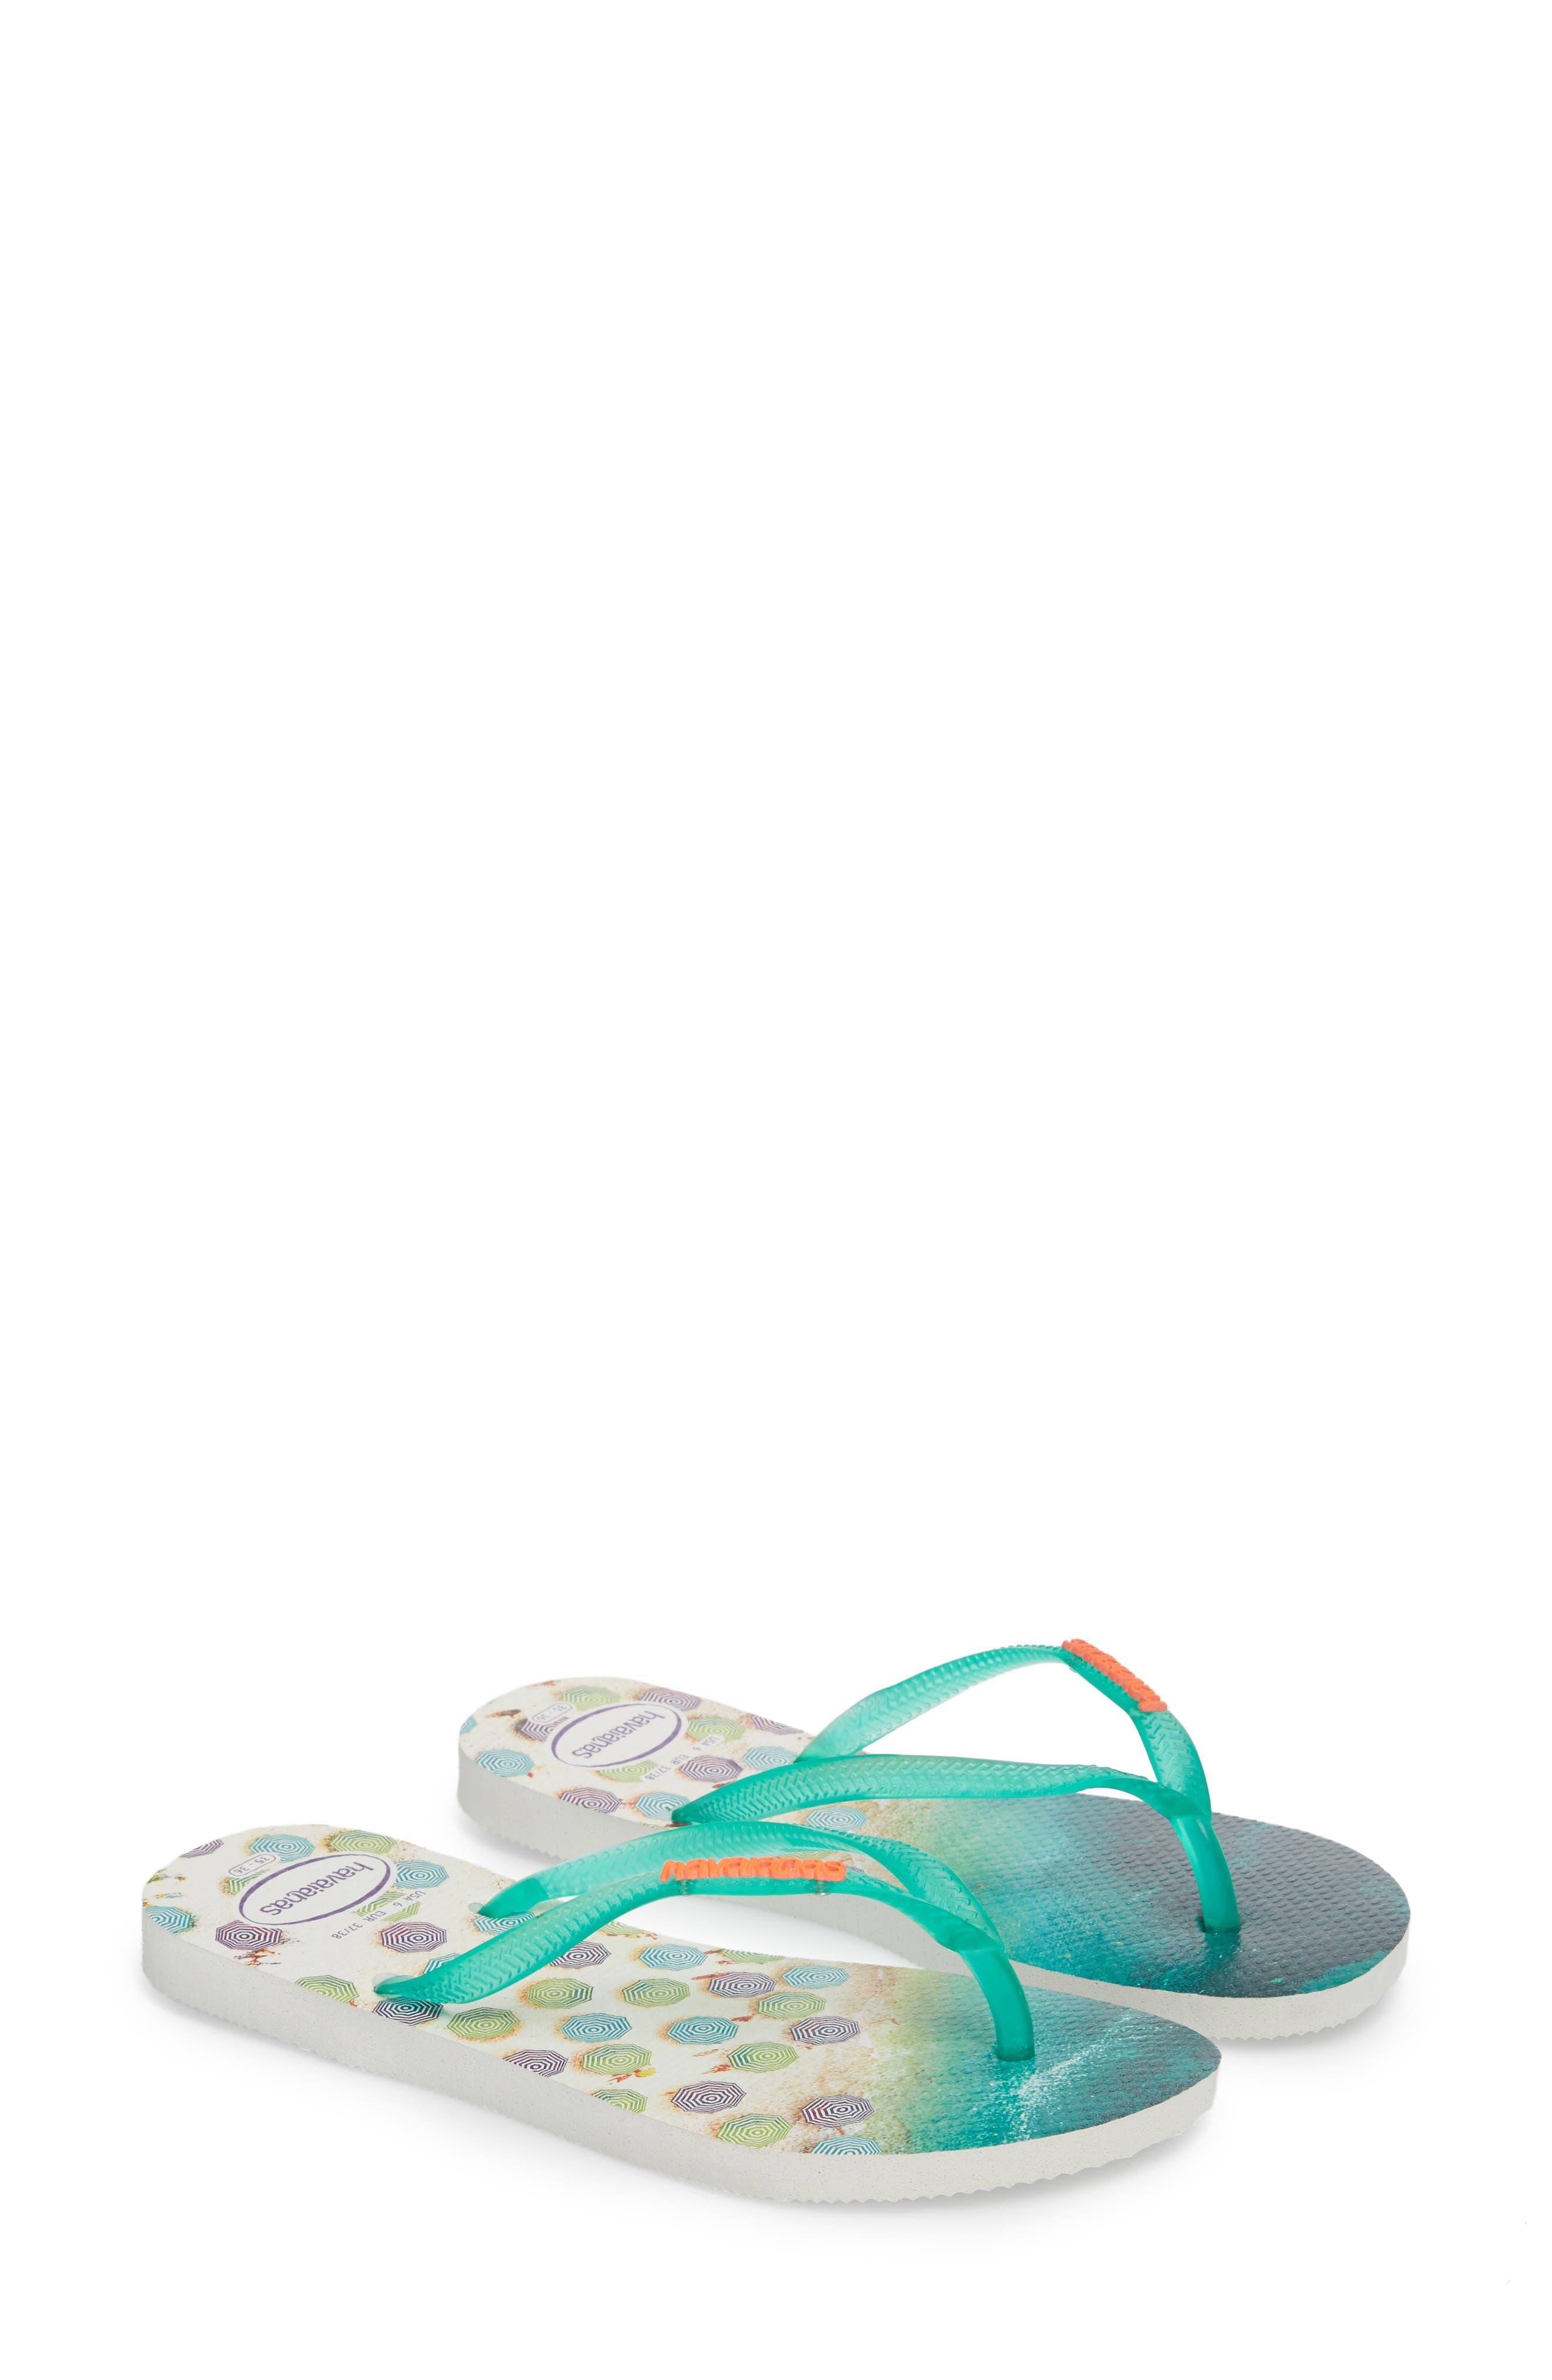 'Slim Paisage' Flip Flop,                             Alternate thumbnail 3, color,                             White/ Mint Green